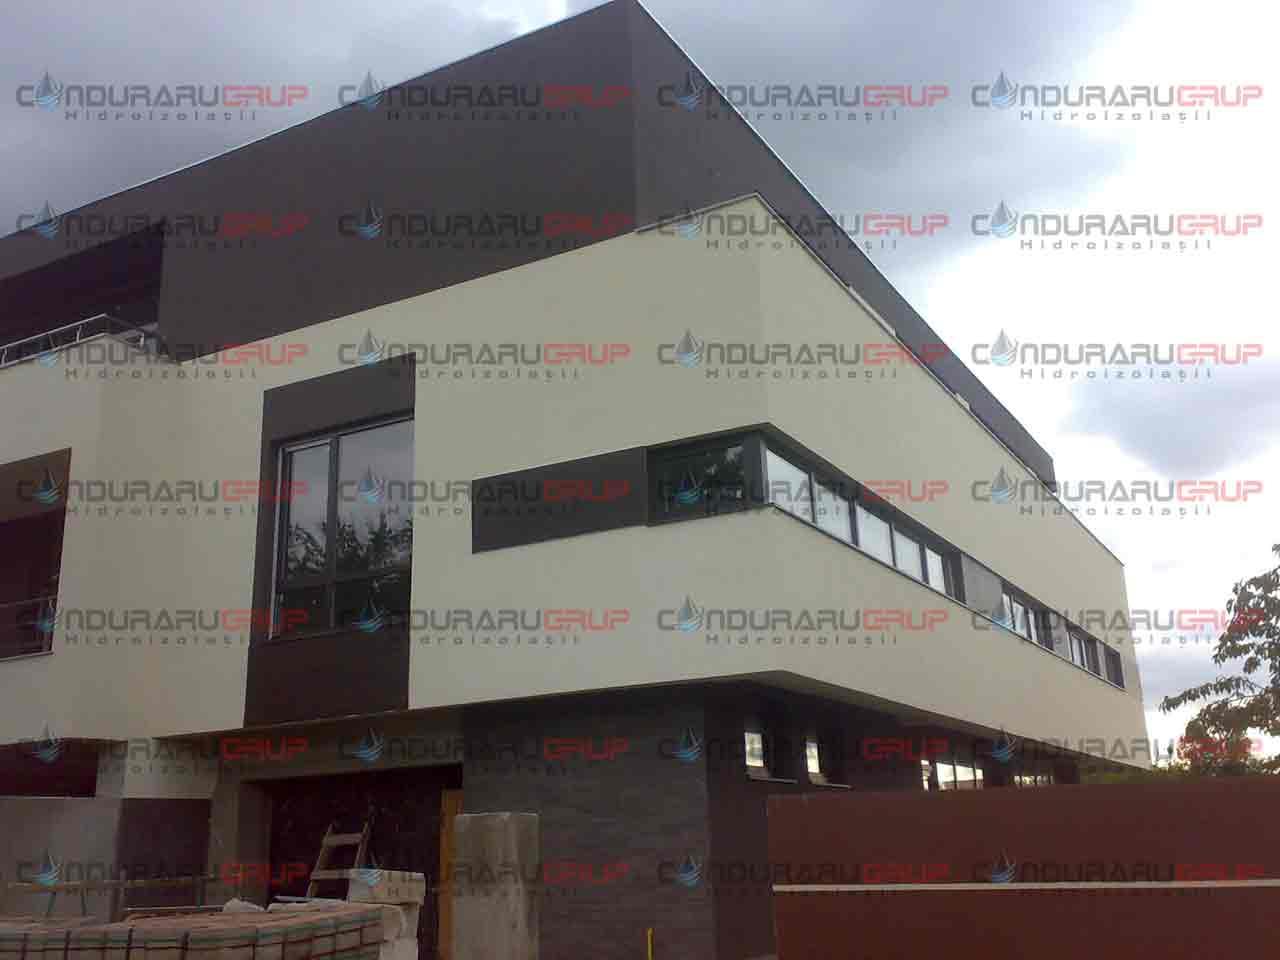 Centrul comercial Cavar Center CONDURARU GRUP - Poza 6